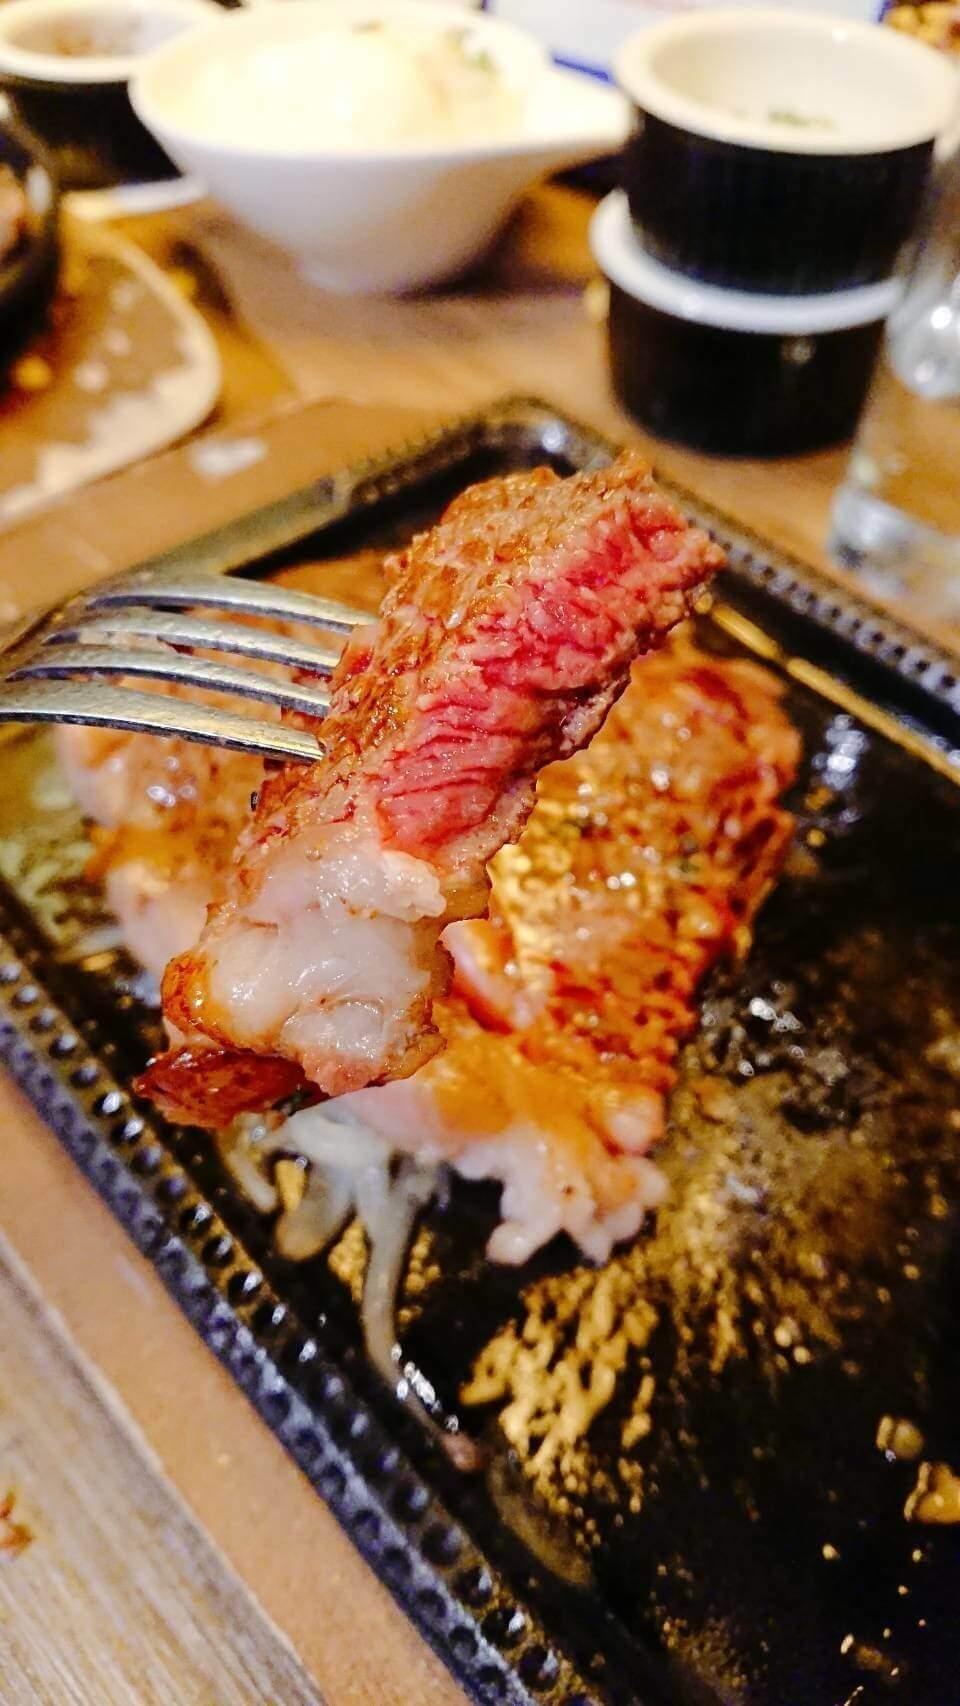 【台北食記】TOTSUZEN–現切秤斤論兩賣的超美味牛排